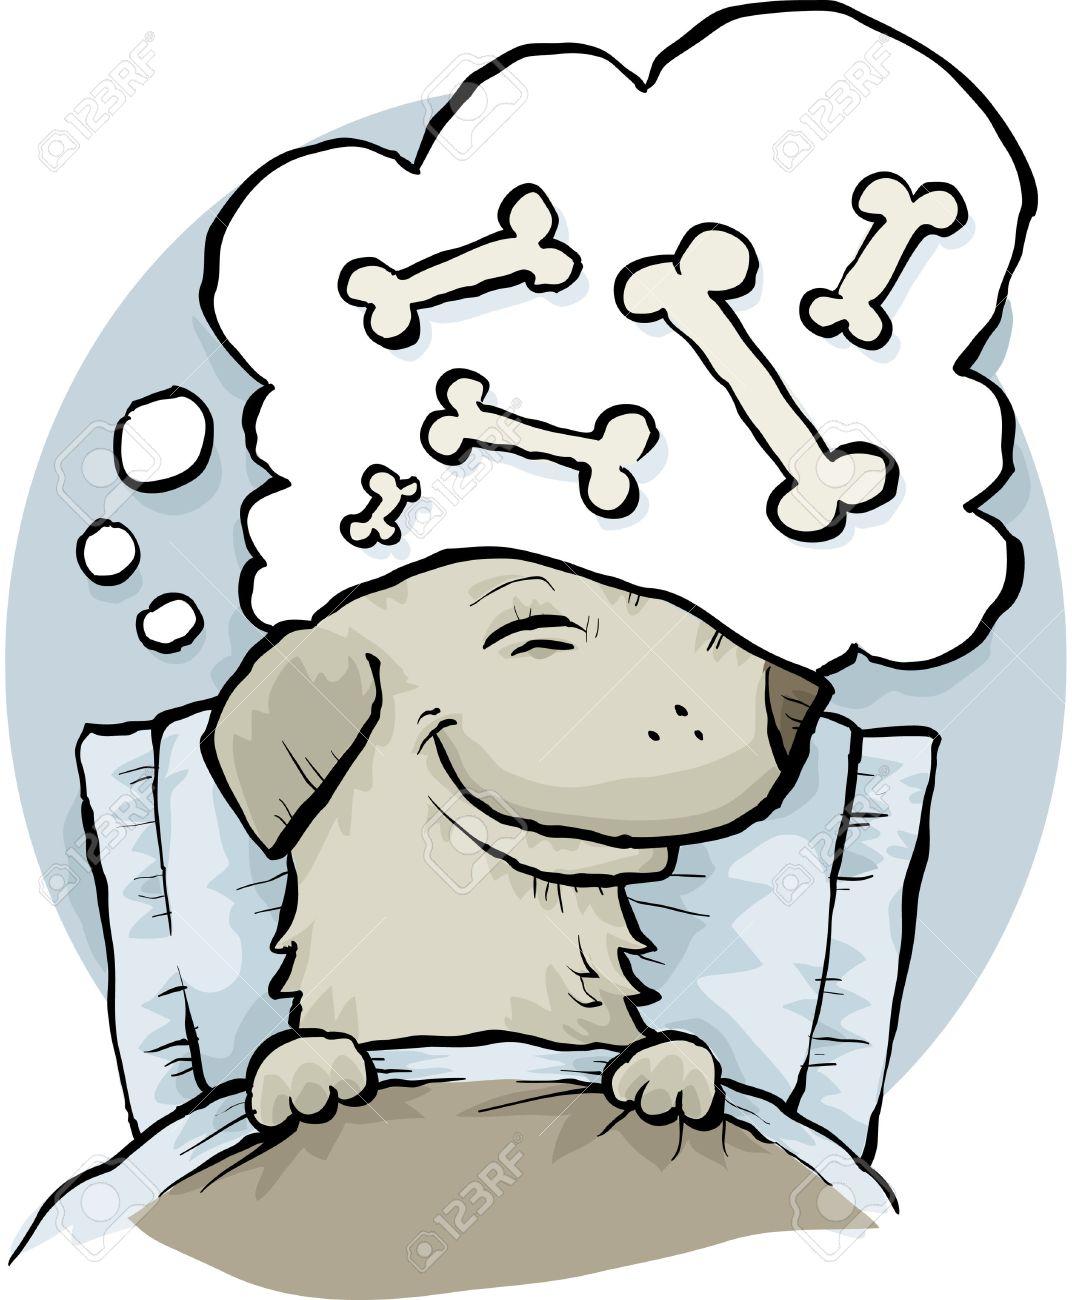 Ein Comic Hund Traumt Von Knochen Wenn Schlafend Im Bett